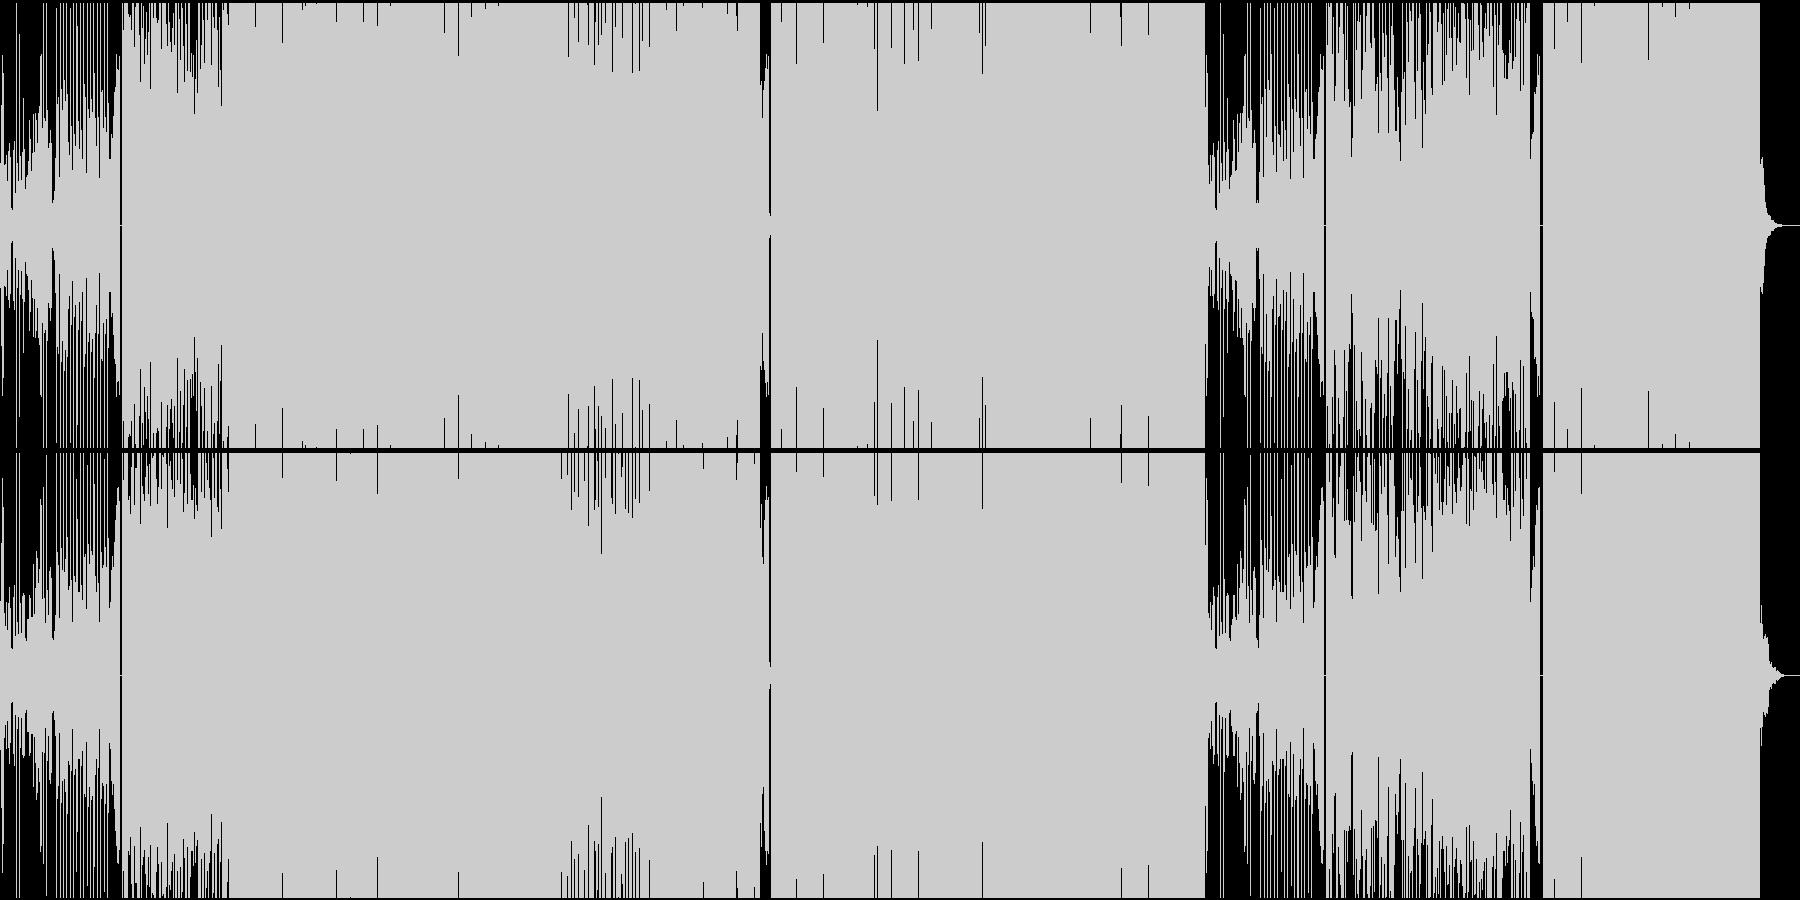 キラキラ系おとぎ話洋楽EDMの未再生の波形